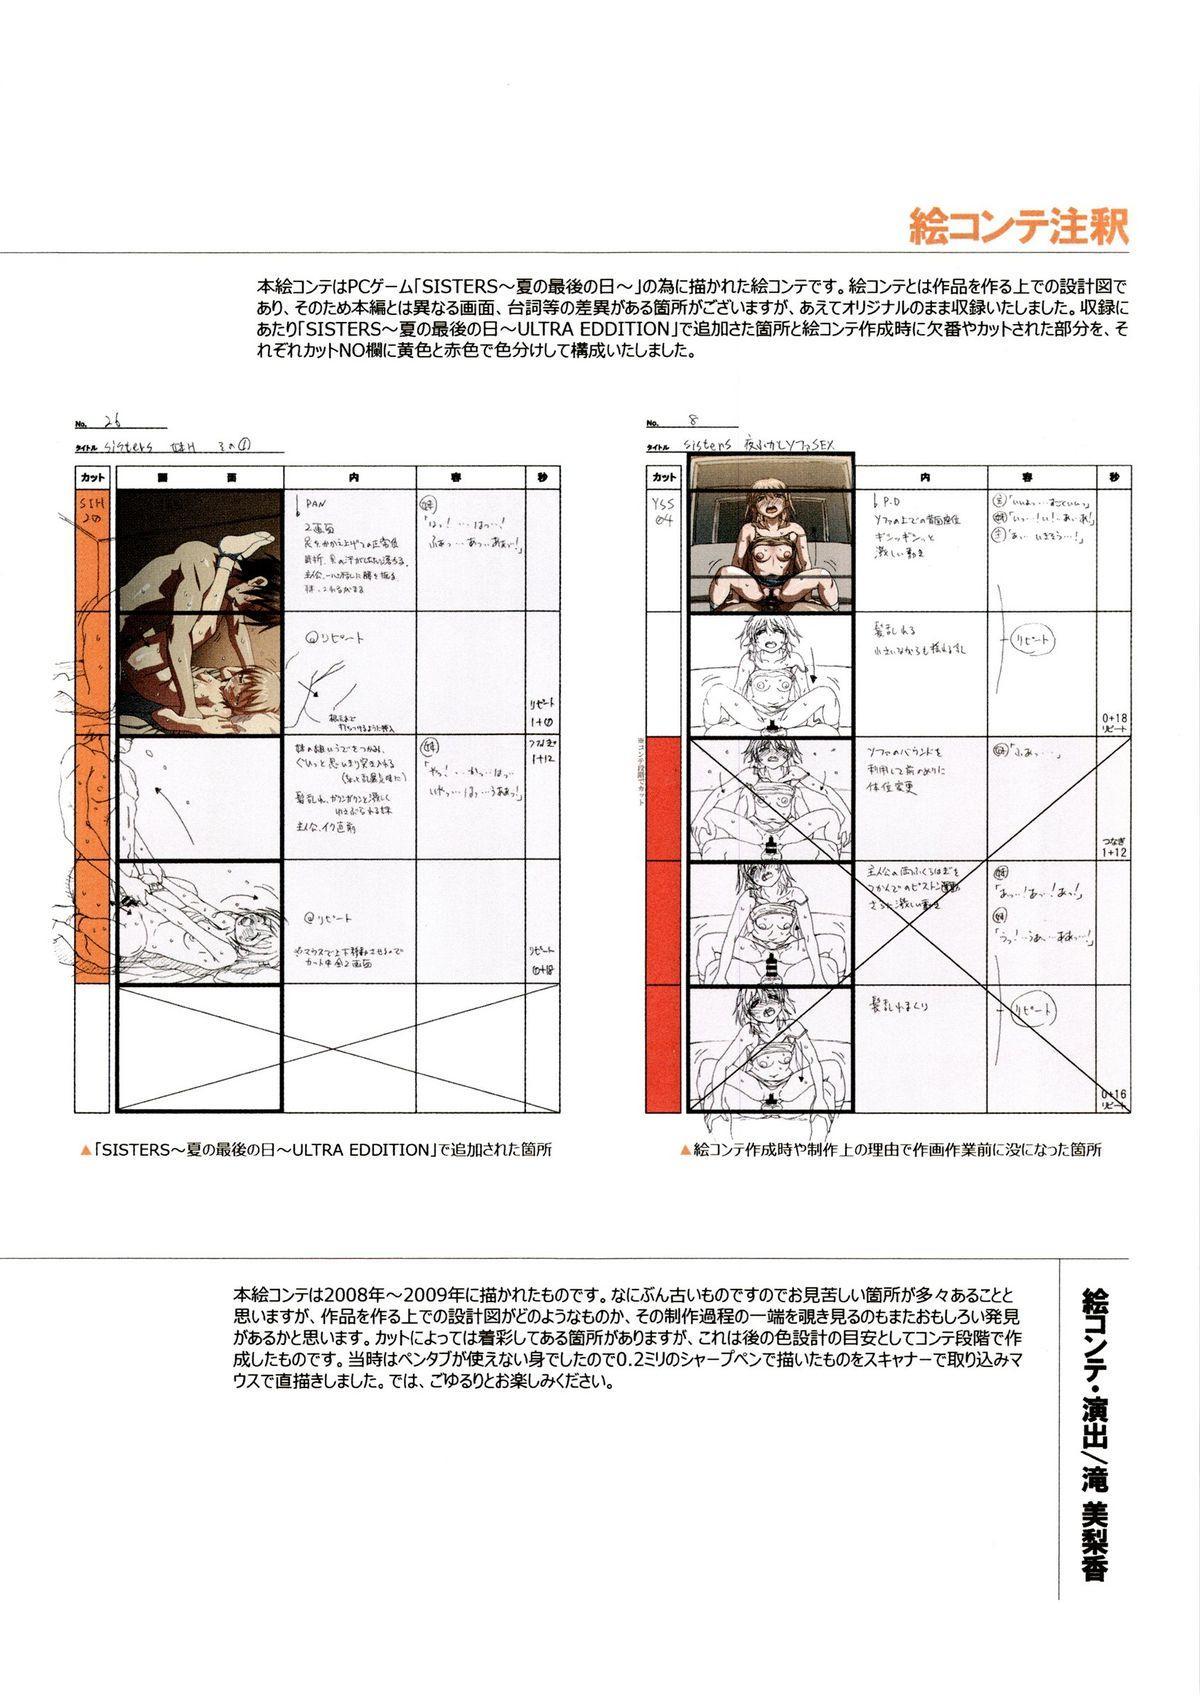 (C89) [Makino Jimusho (Taki Minashika)] SISTERS -Natsu no Saigo no Hi- H Scene All Part Storyboard (SISTERS -Natsu no Saigo no Hi-) 3